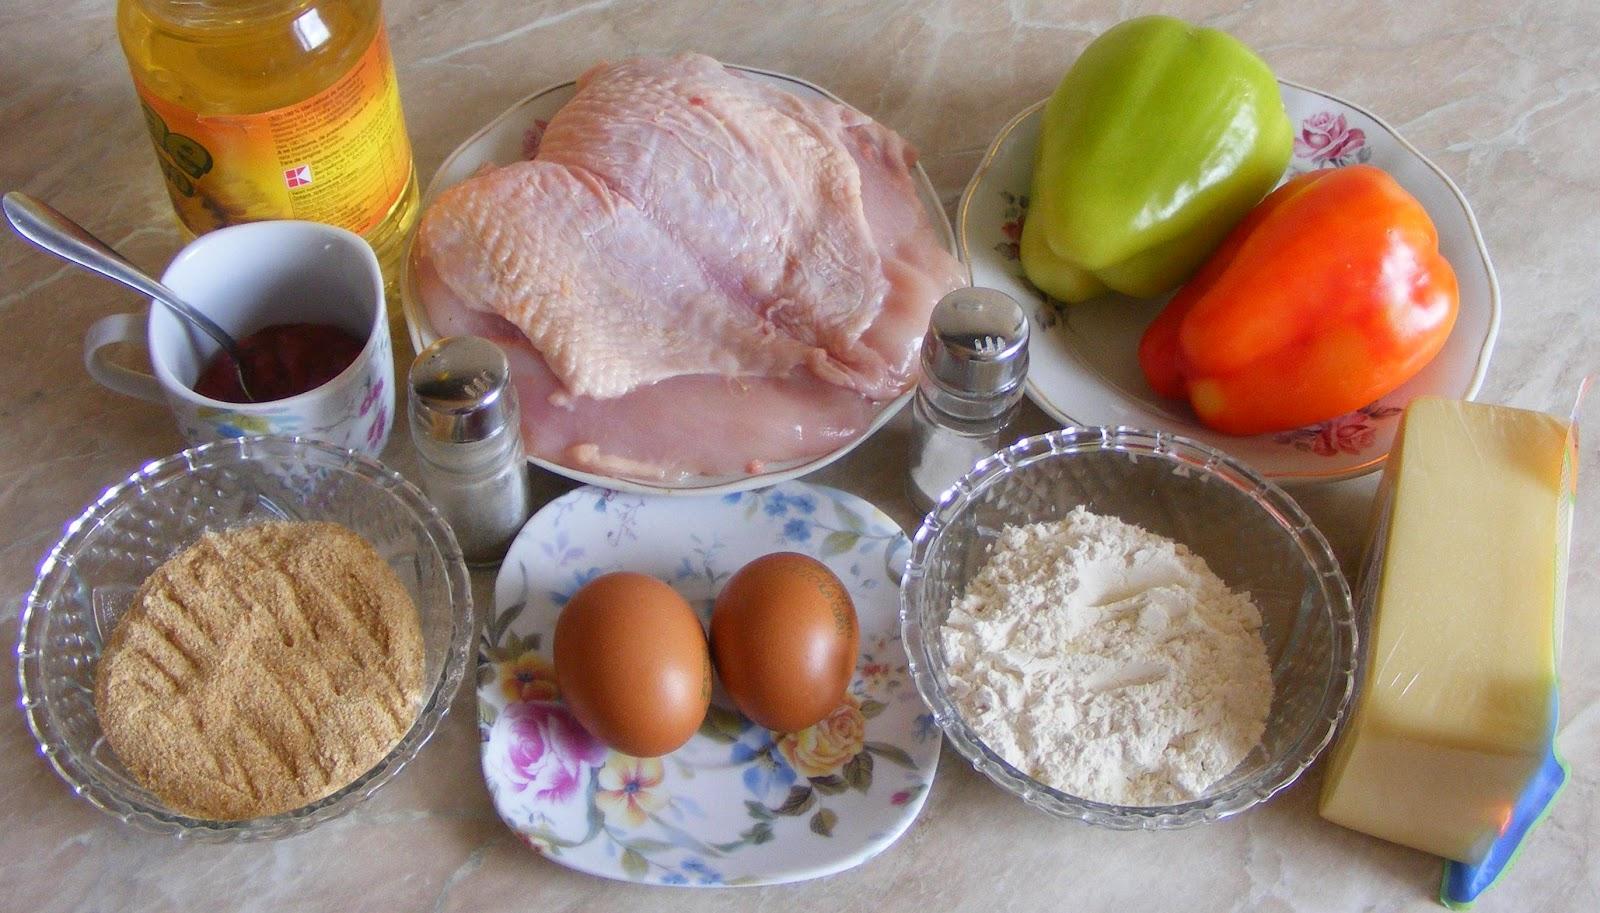 ingrediente pui cu parmezan, ingrediente pollo parmegiano, cum se prepara puiul cu parmezan, retete cu pui, retete din piept de pui, preparate din pui, retete de pui, ingrediente pollo parmigiano,